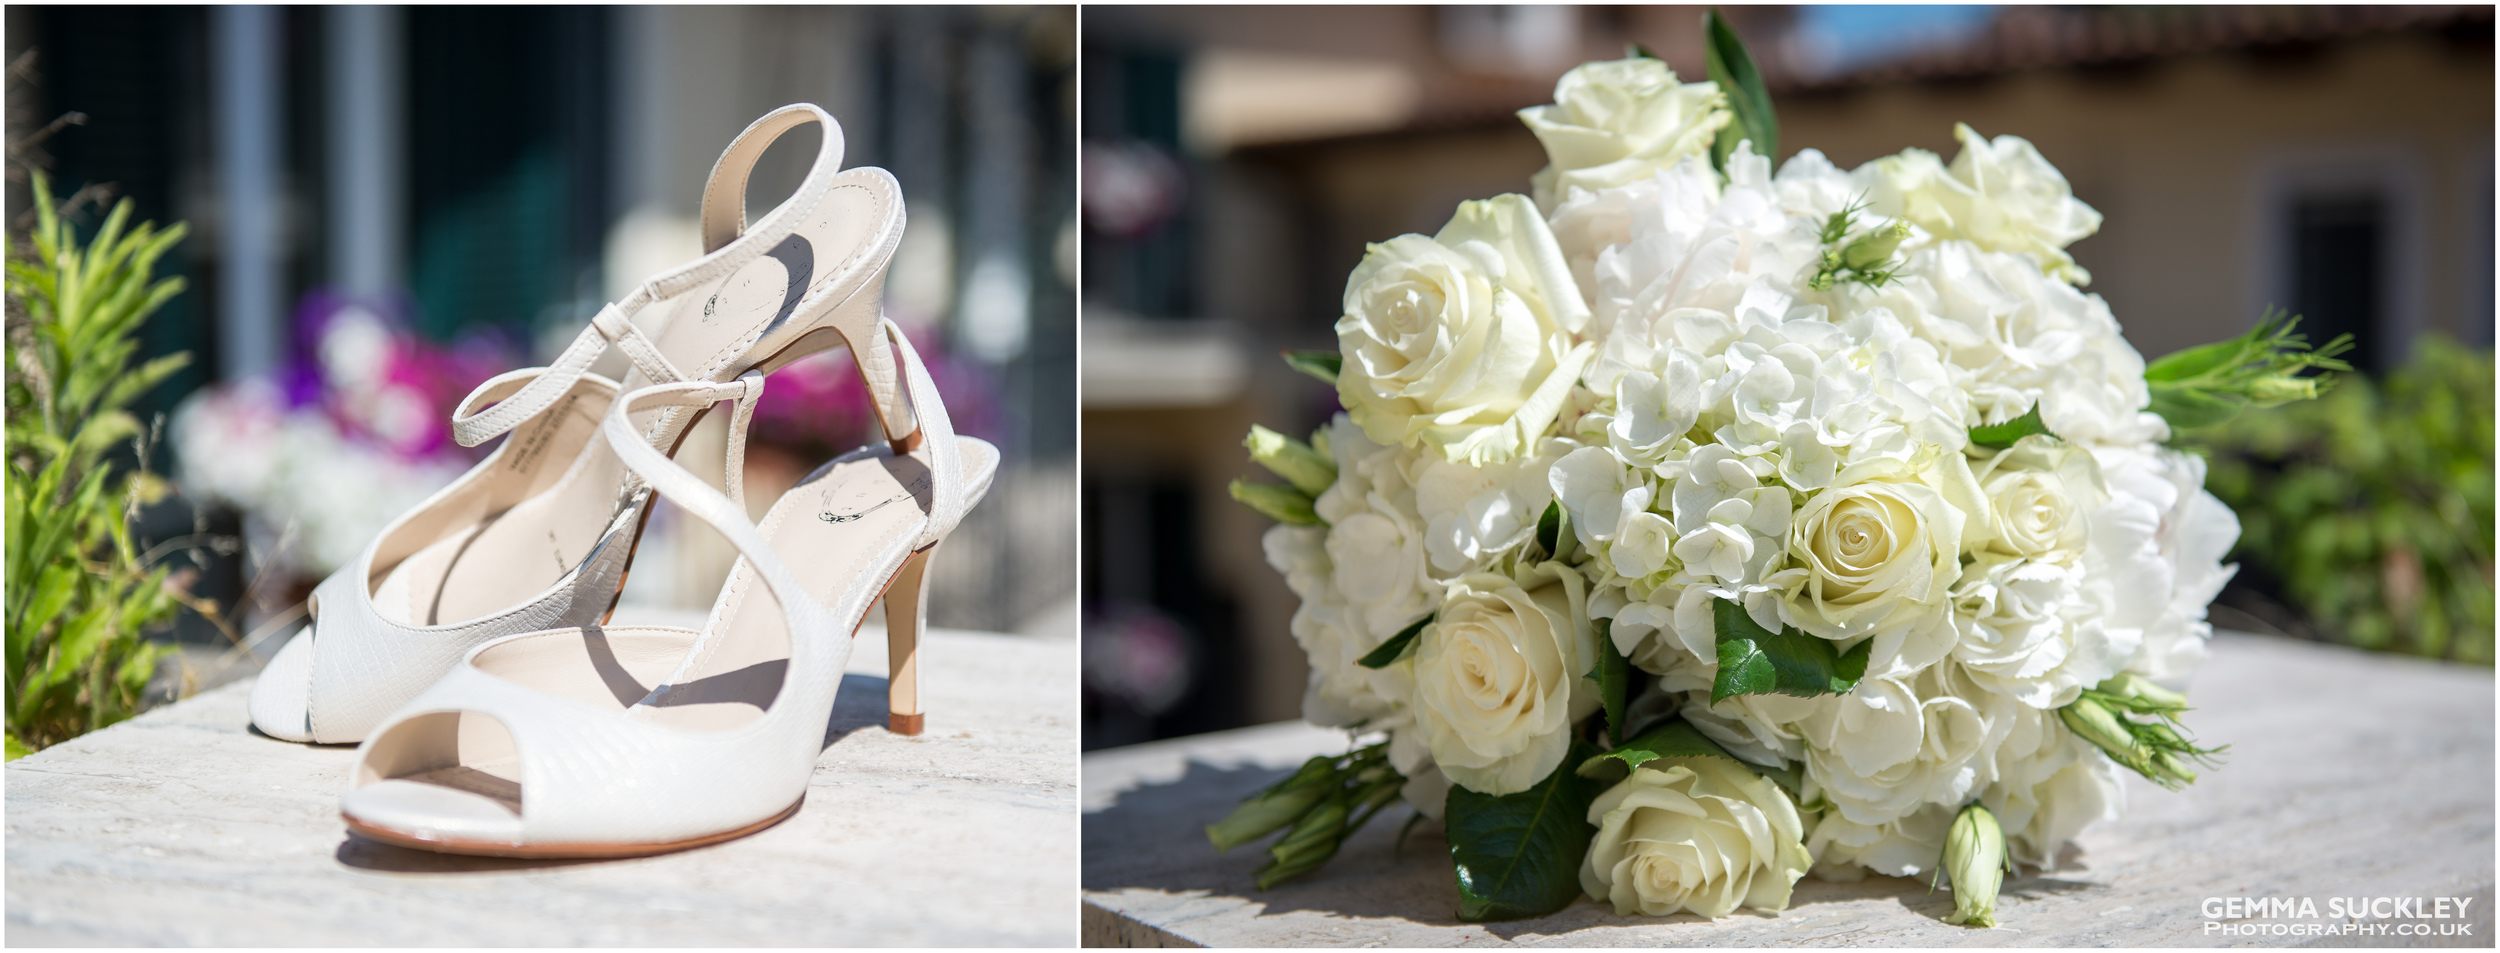 bridal-flowers.jpg